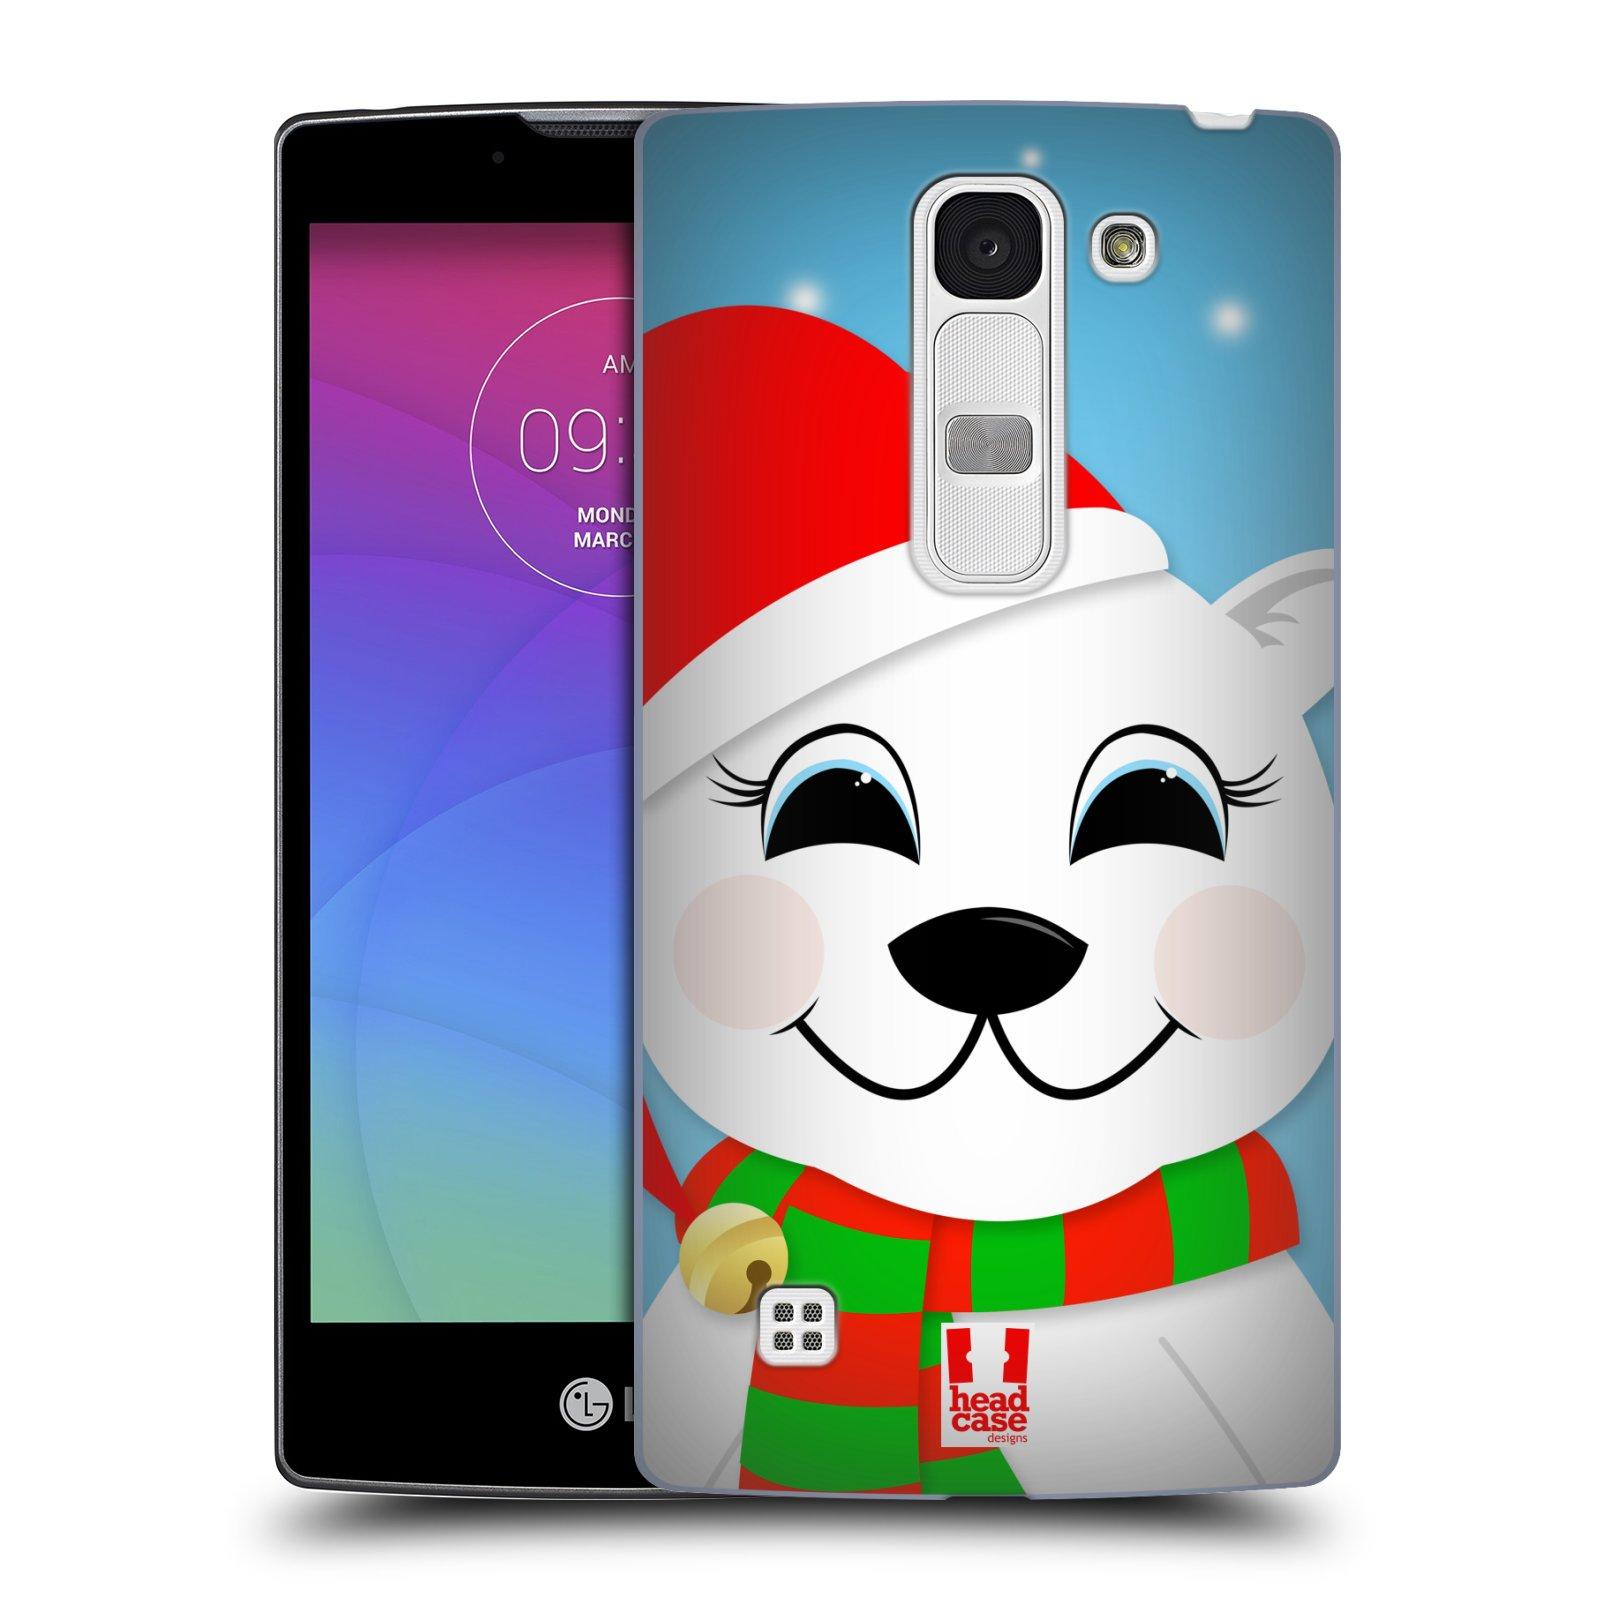 Plastové pouzdro na mobil LG Spirit LTE HEAD CASE VÁNOCE POLÁRNÍ MÉĎA (Kryt či obal na mobilní telefon LG Spirit H420 a LG Spirit LTE H440N)